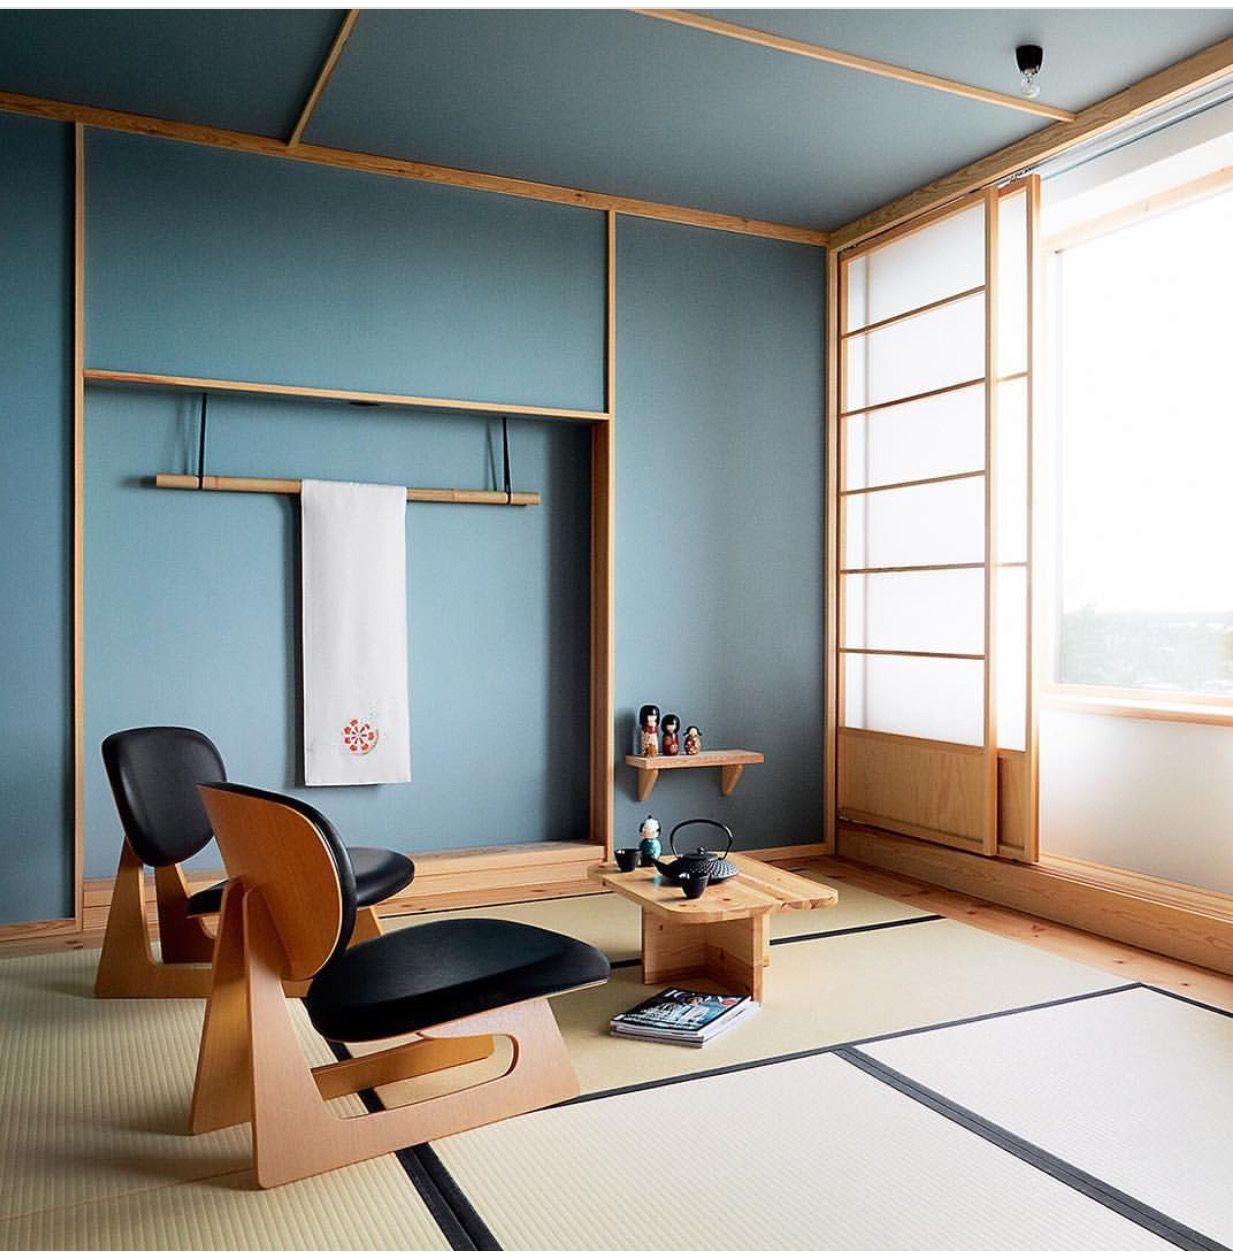 Farbige Wnde Japan Architektur Innen Modernes Interieur Innenarchitektur Traditionelle Japanische Wohnung Innere